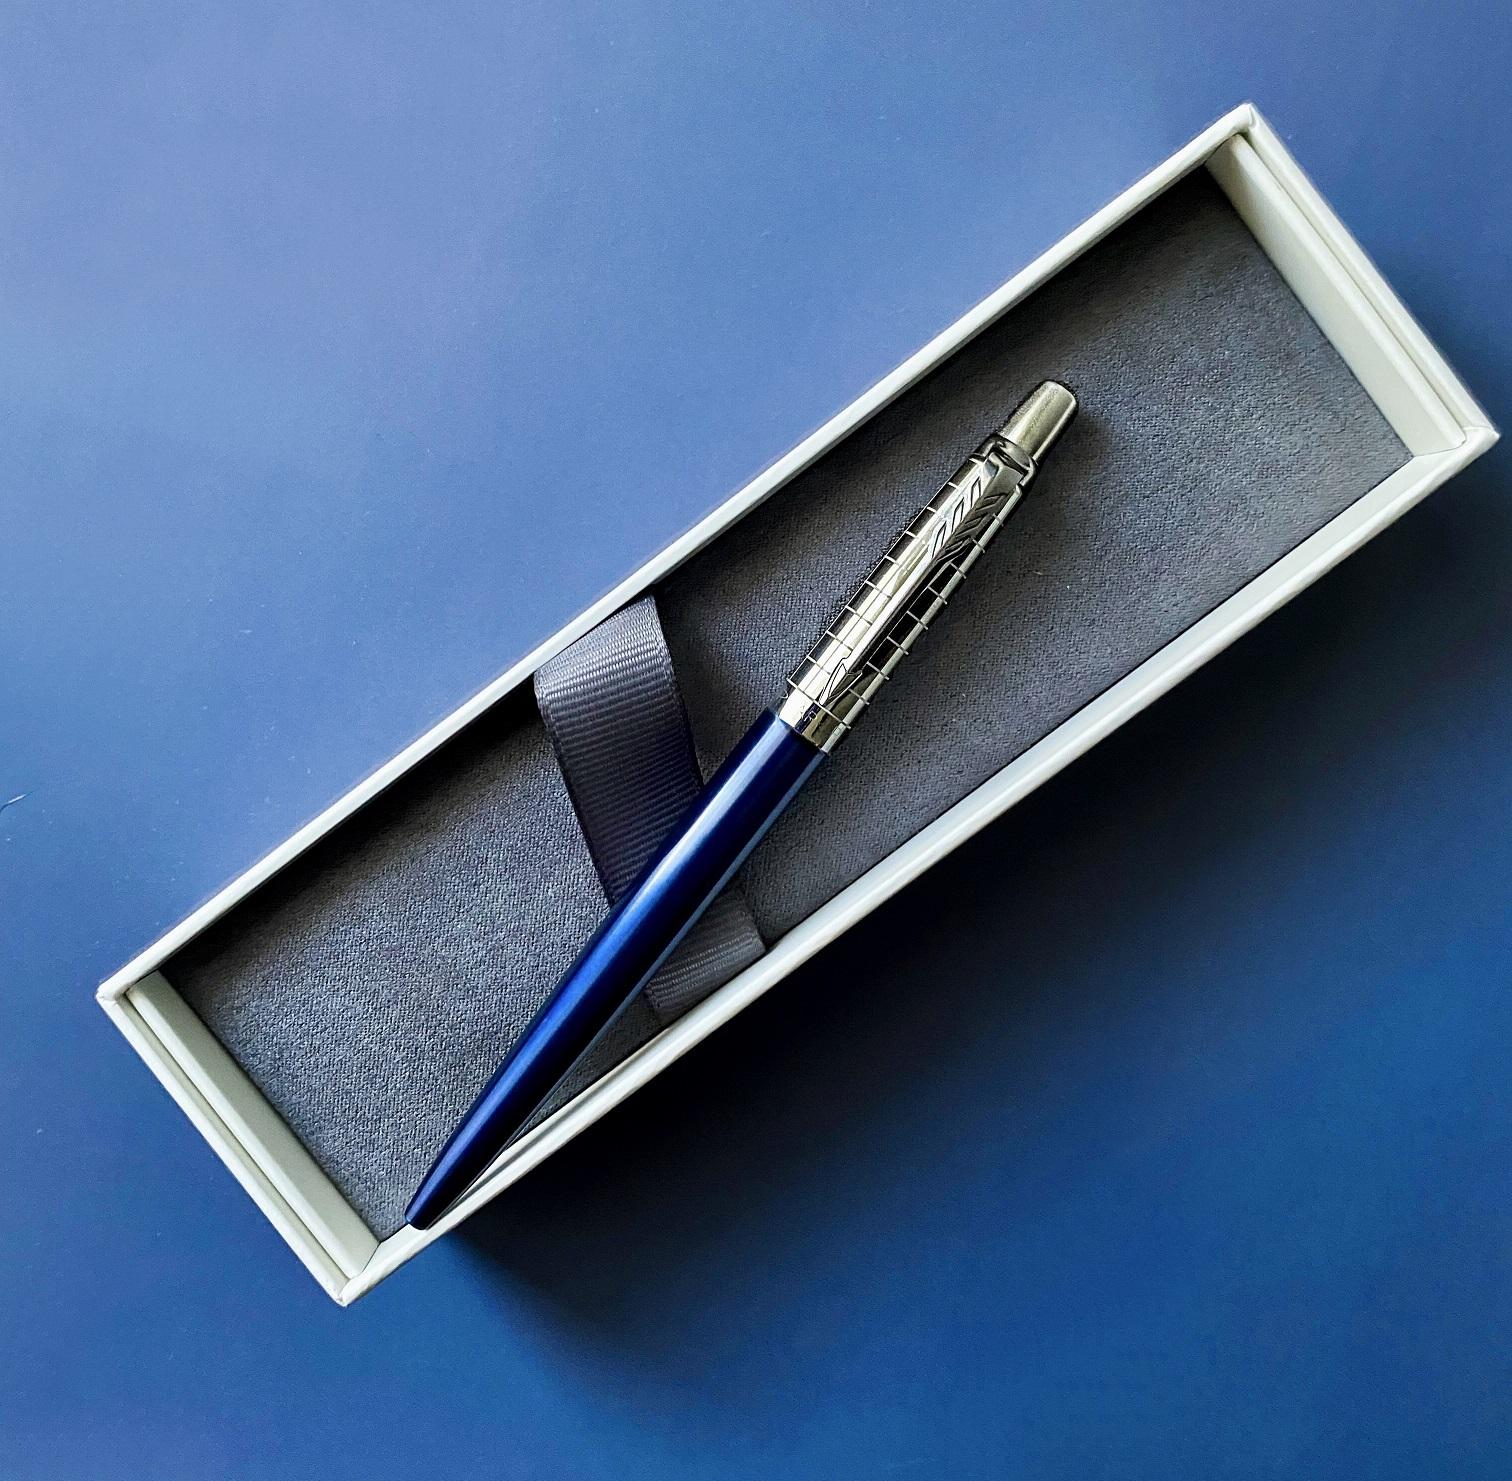 銀座 伊東屋のジョッターファクトリーで作ったオリジナルボールペン